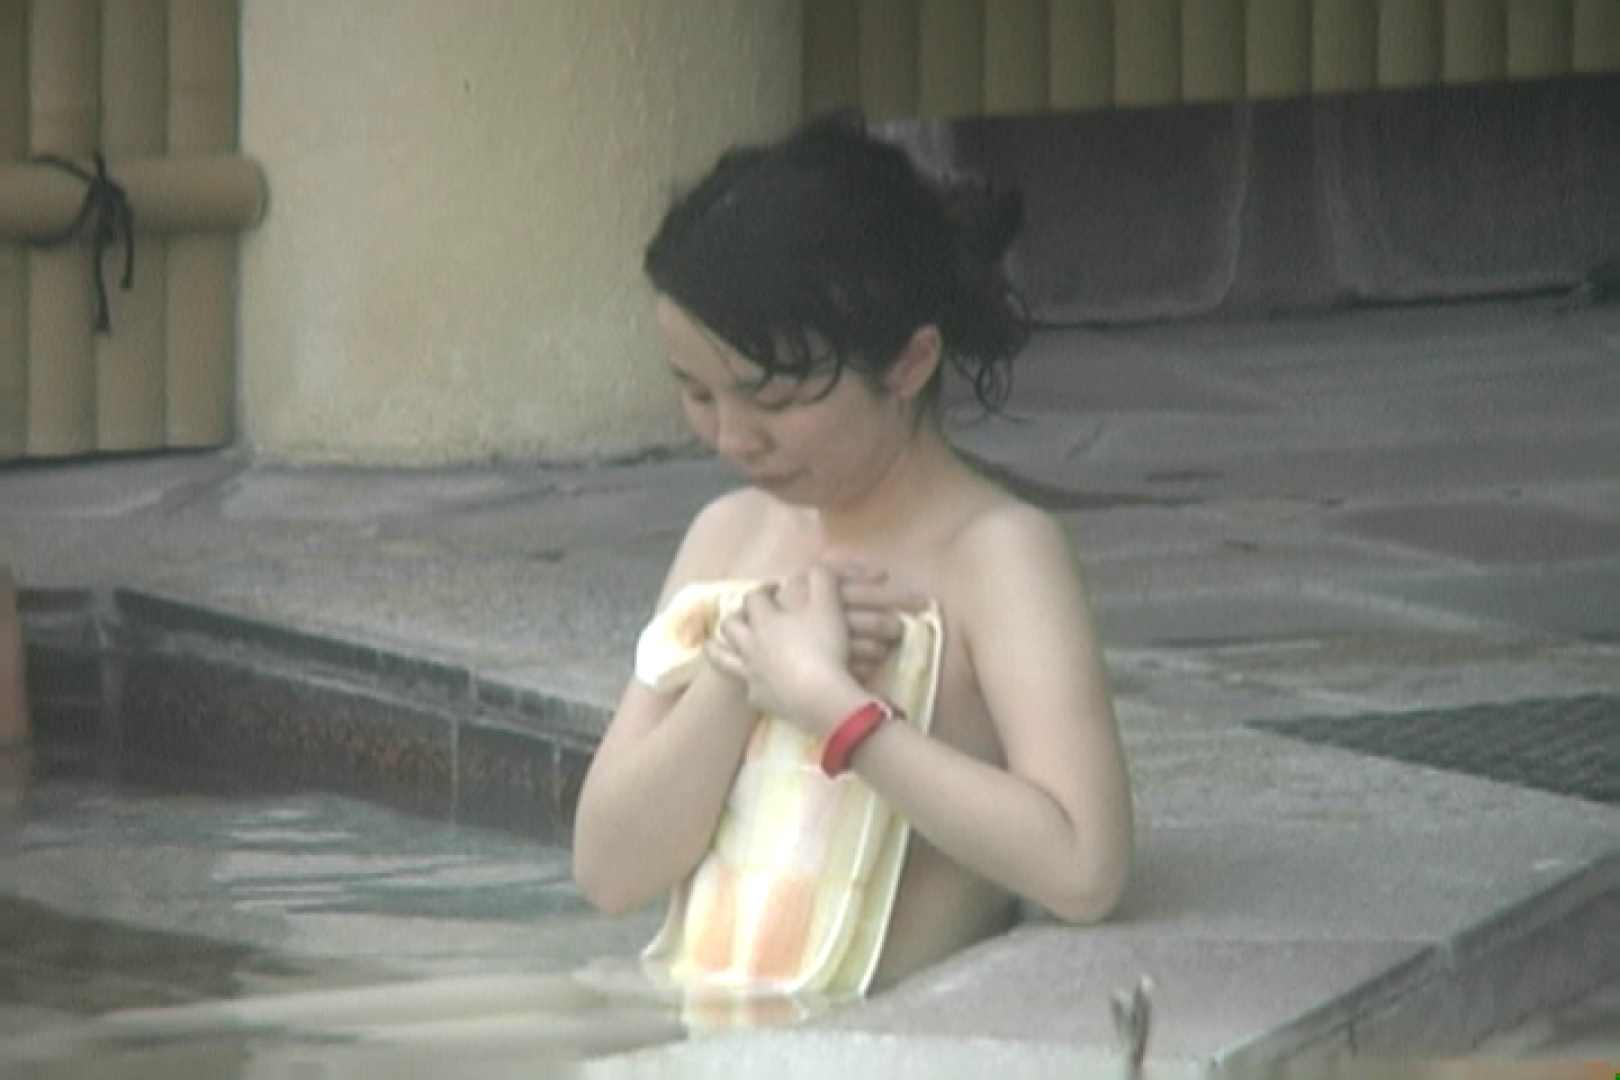 高画質露天女風呂観察 vol.007 女風呂 覗きおまんこ画像 102pic 89